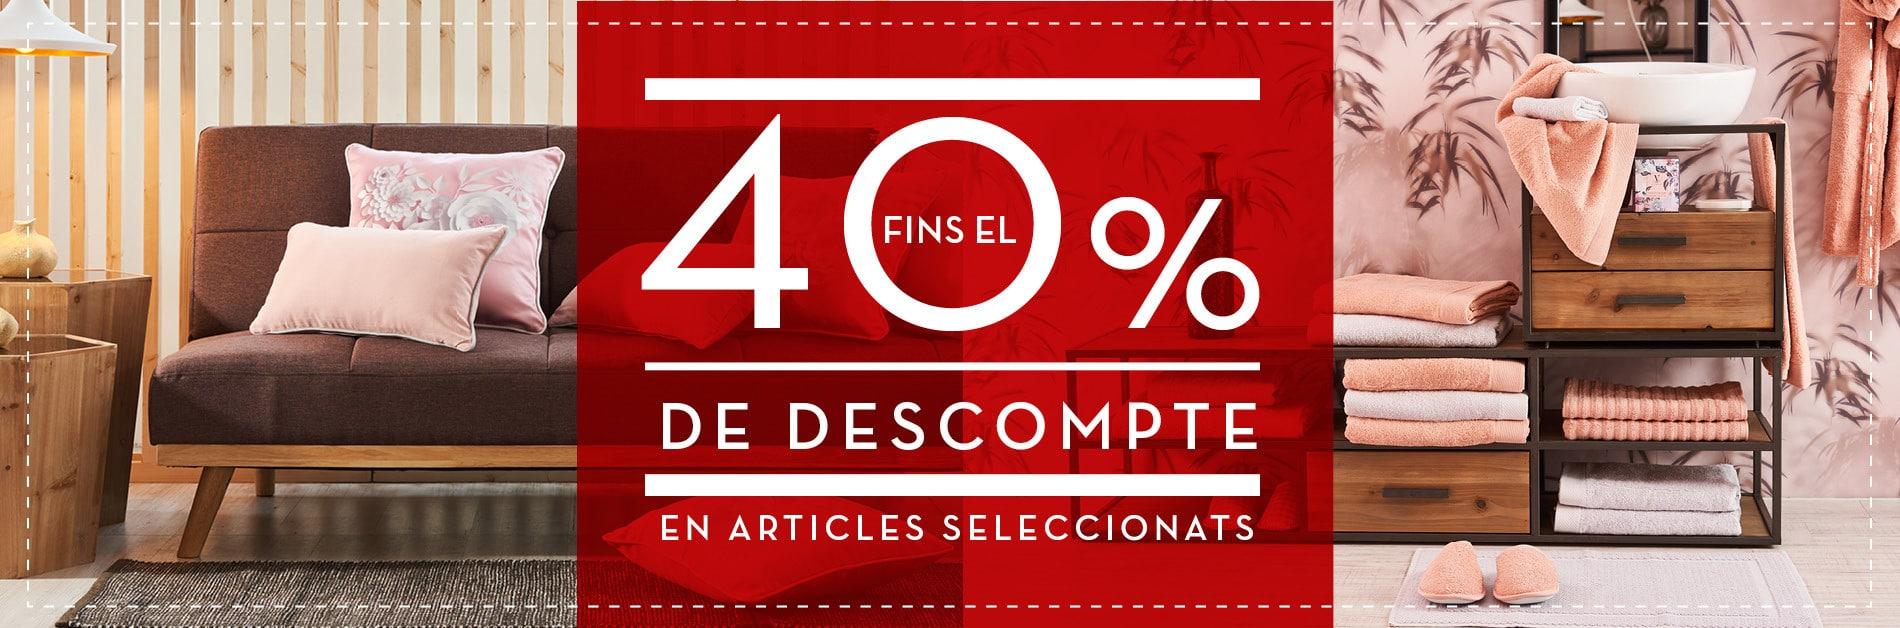 40% en articles destacats